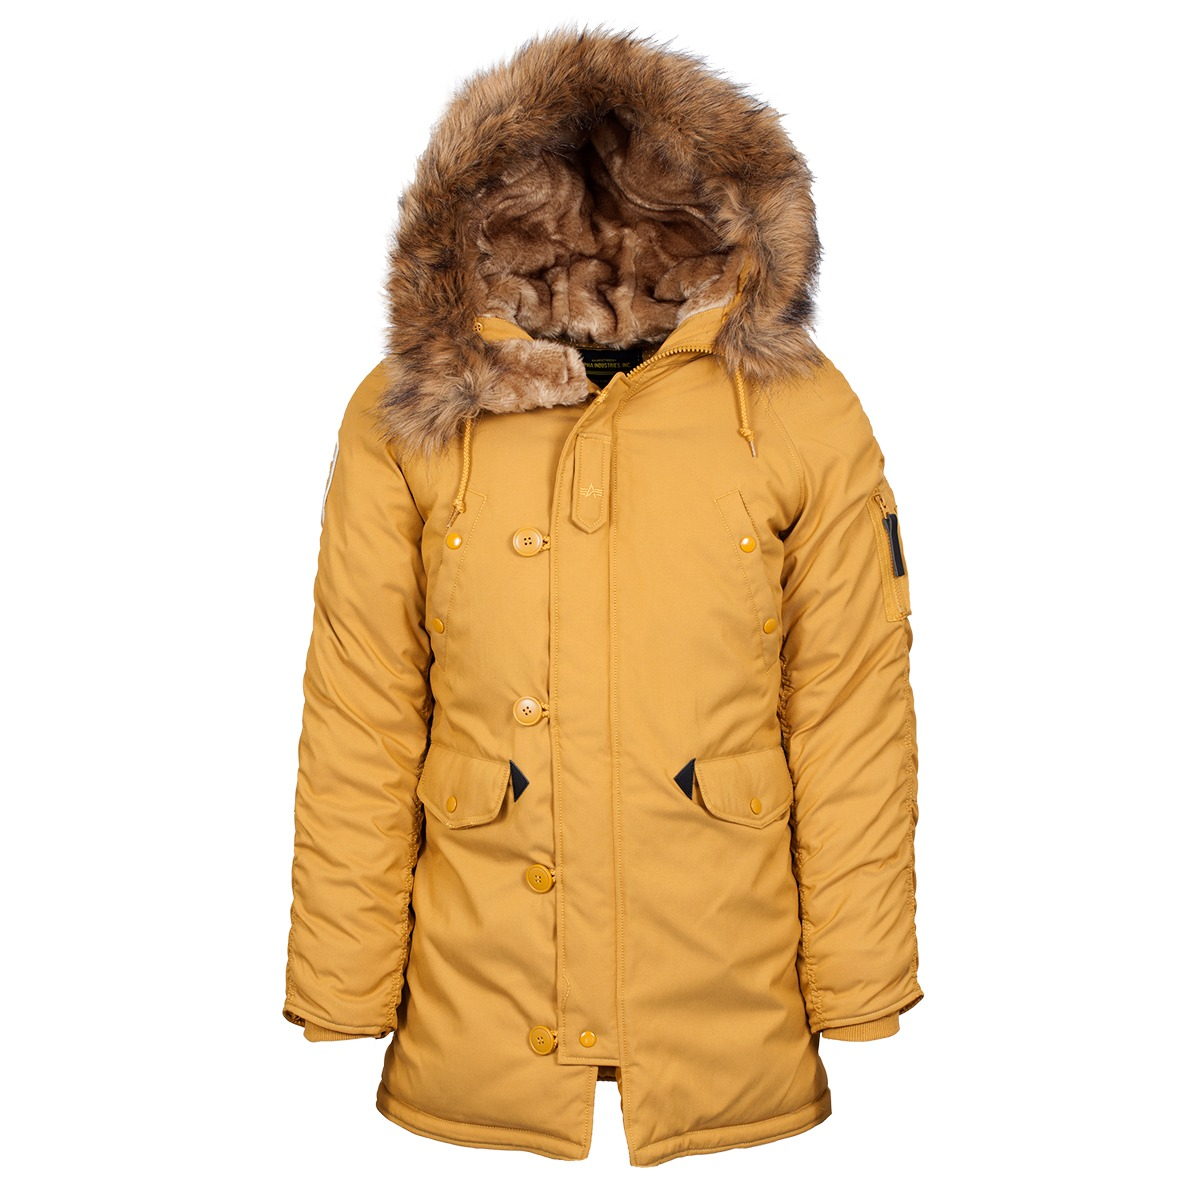 46b89b67 Аляска женская Altitude Песочно-желтая